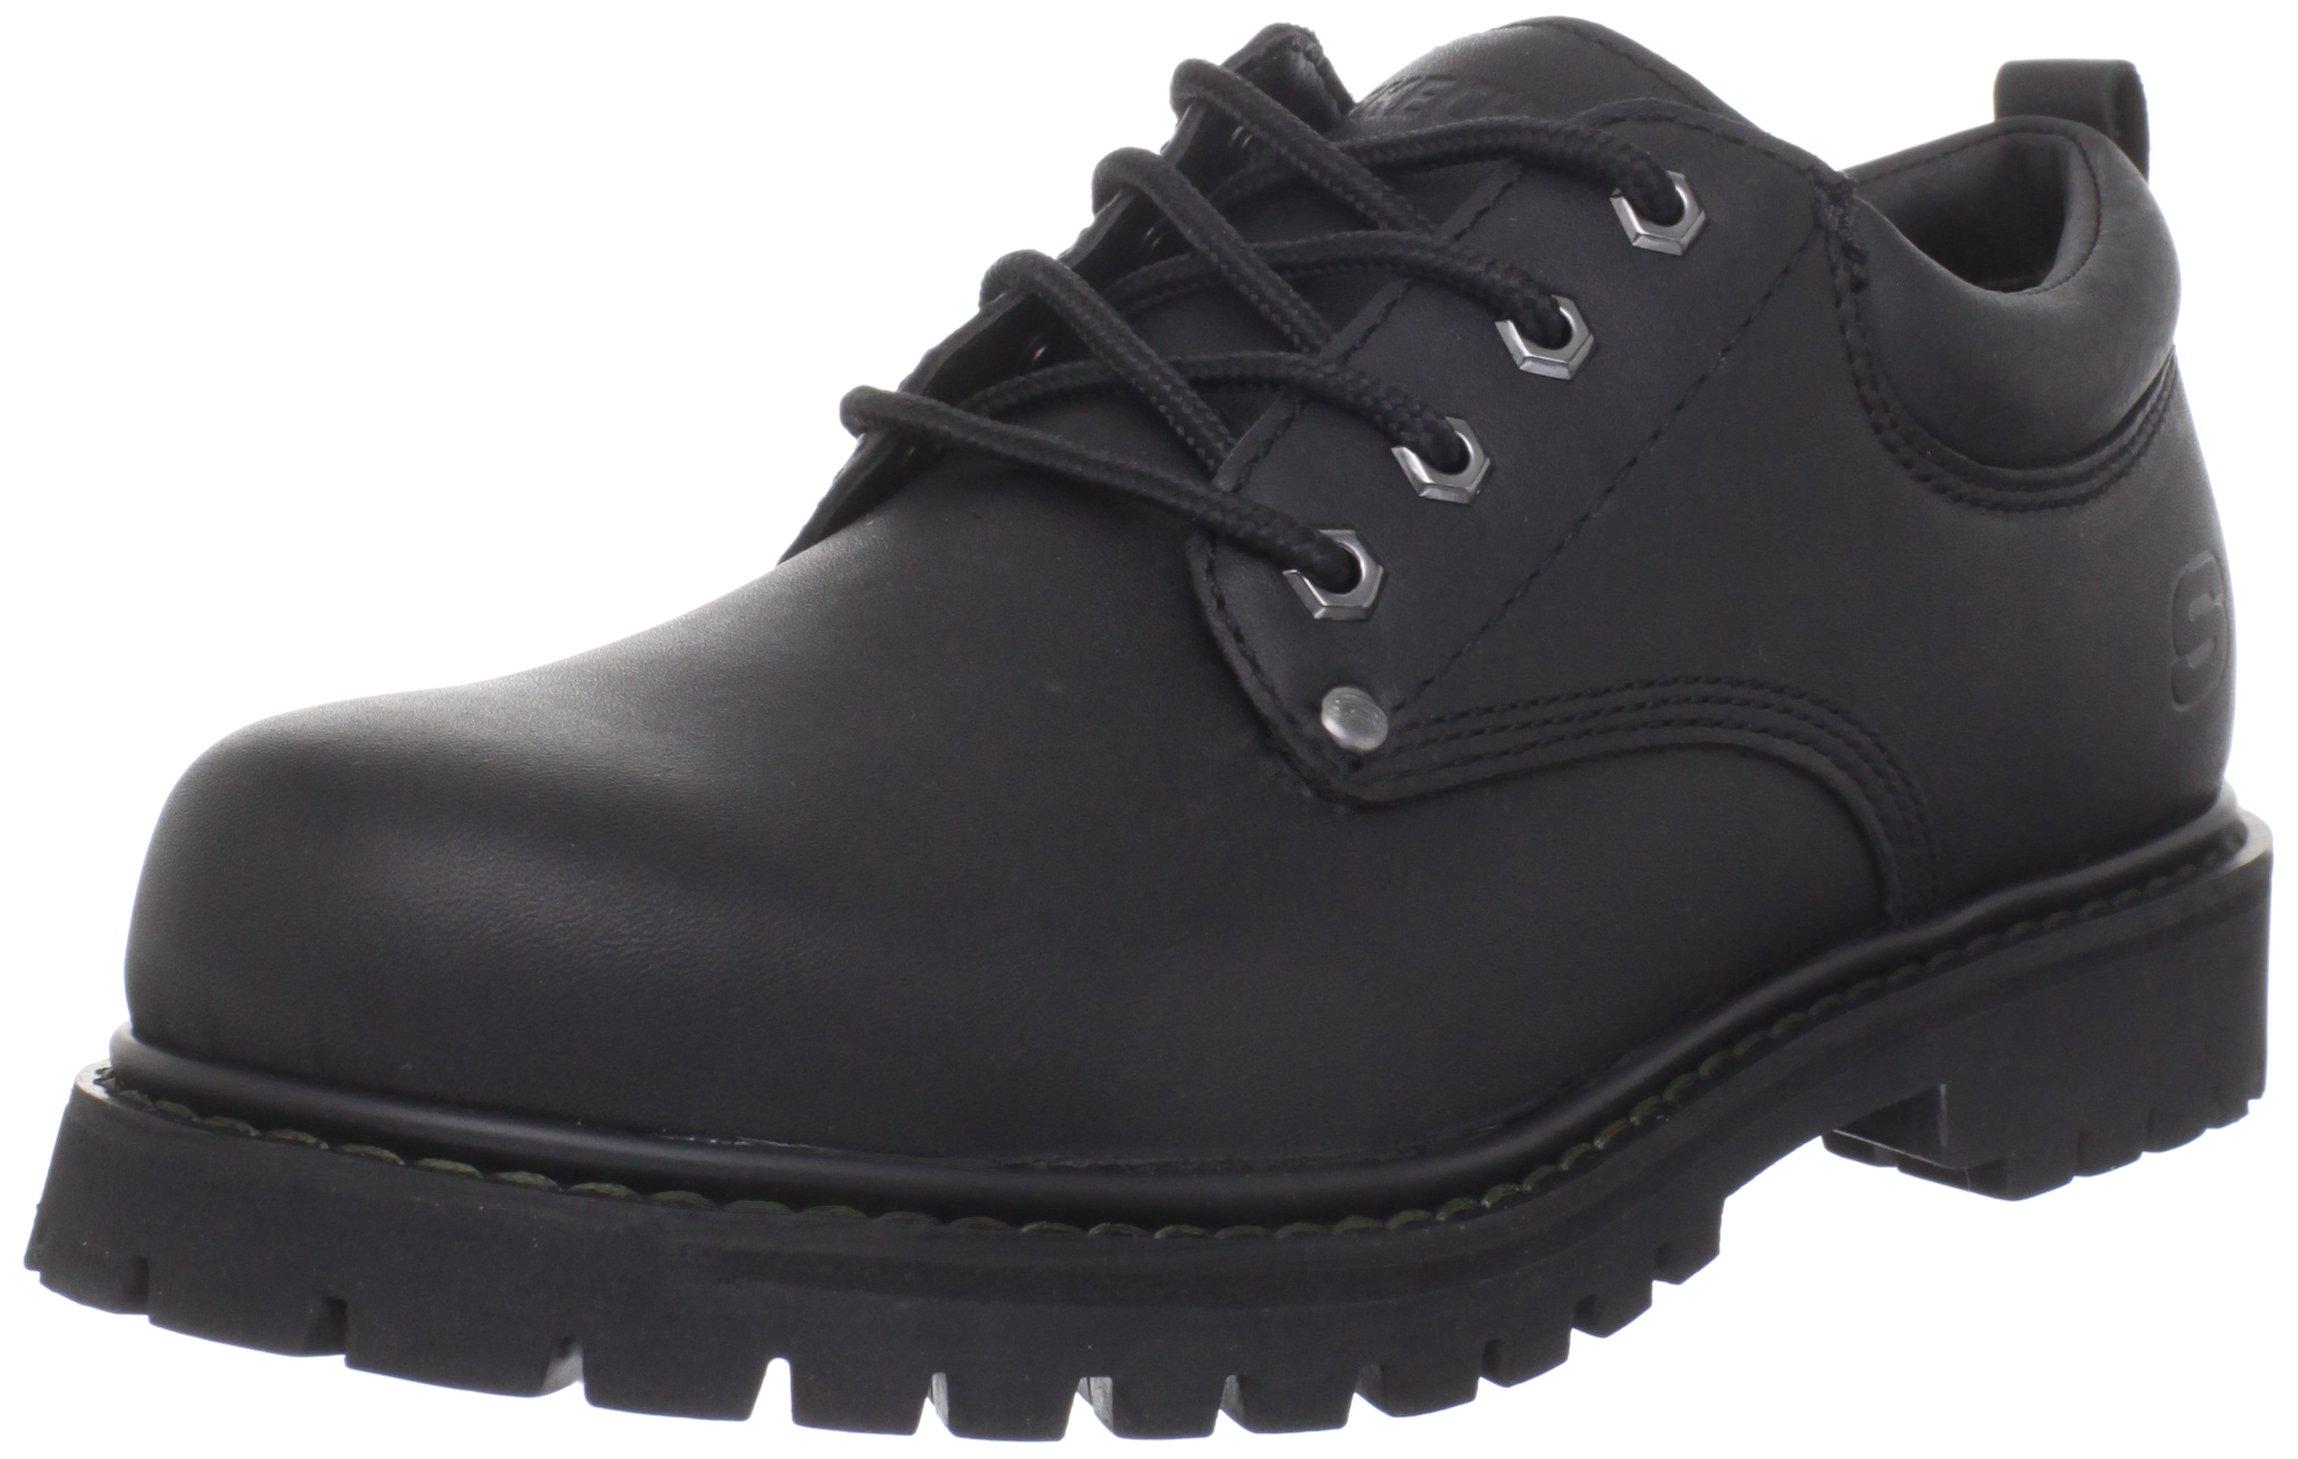 Skechers Men's Tom Cats Utility Shoe, Black, 8 M US by Skechers